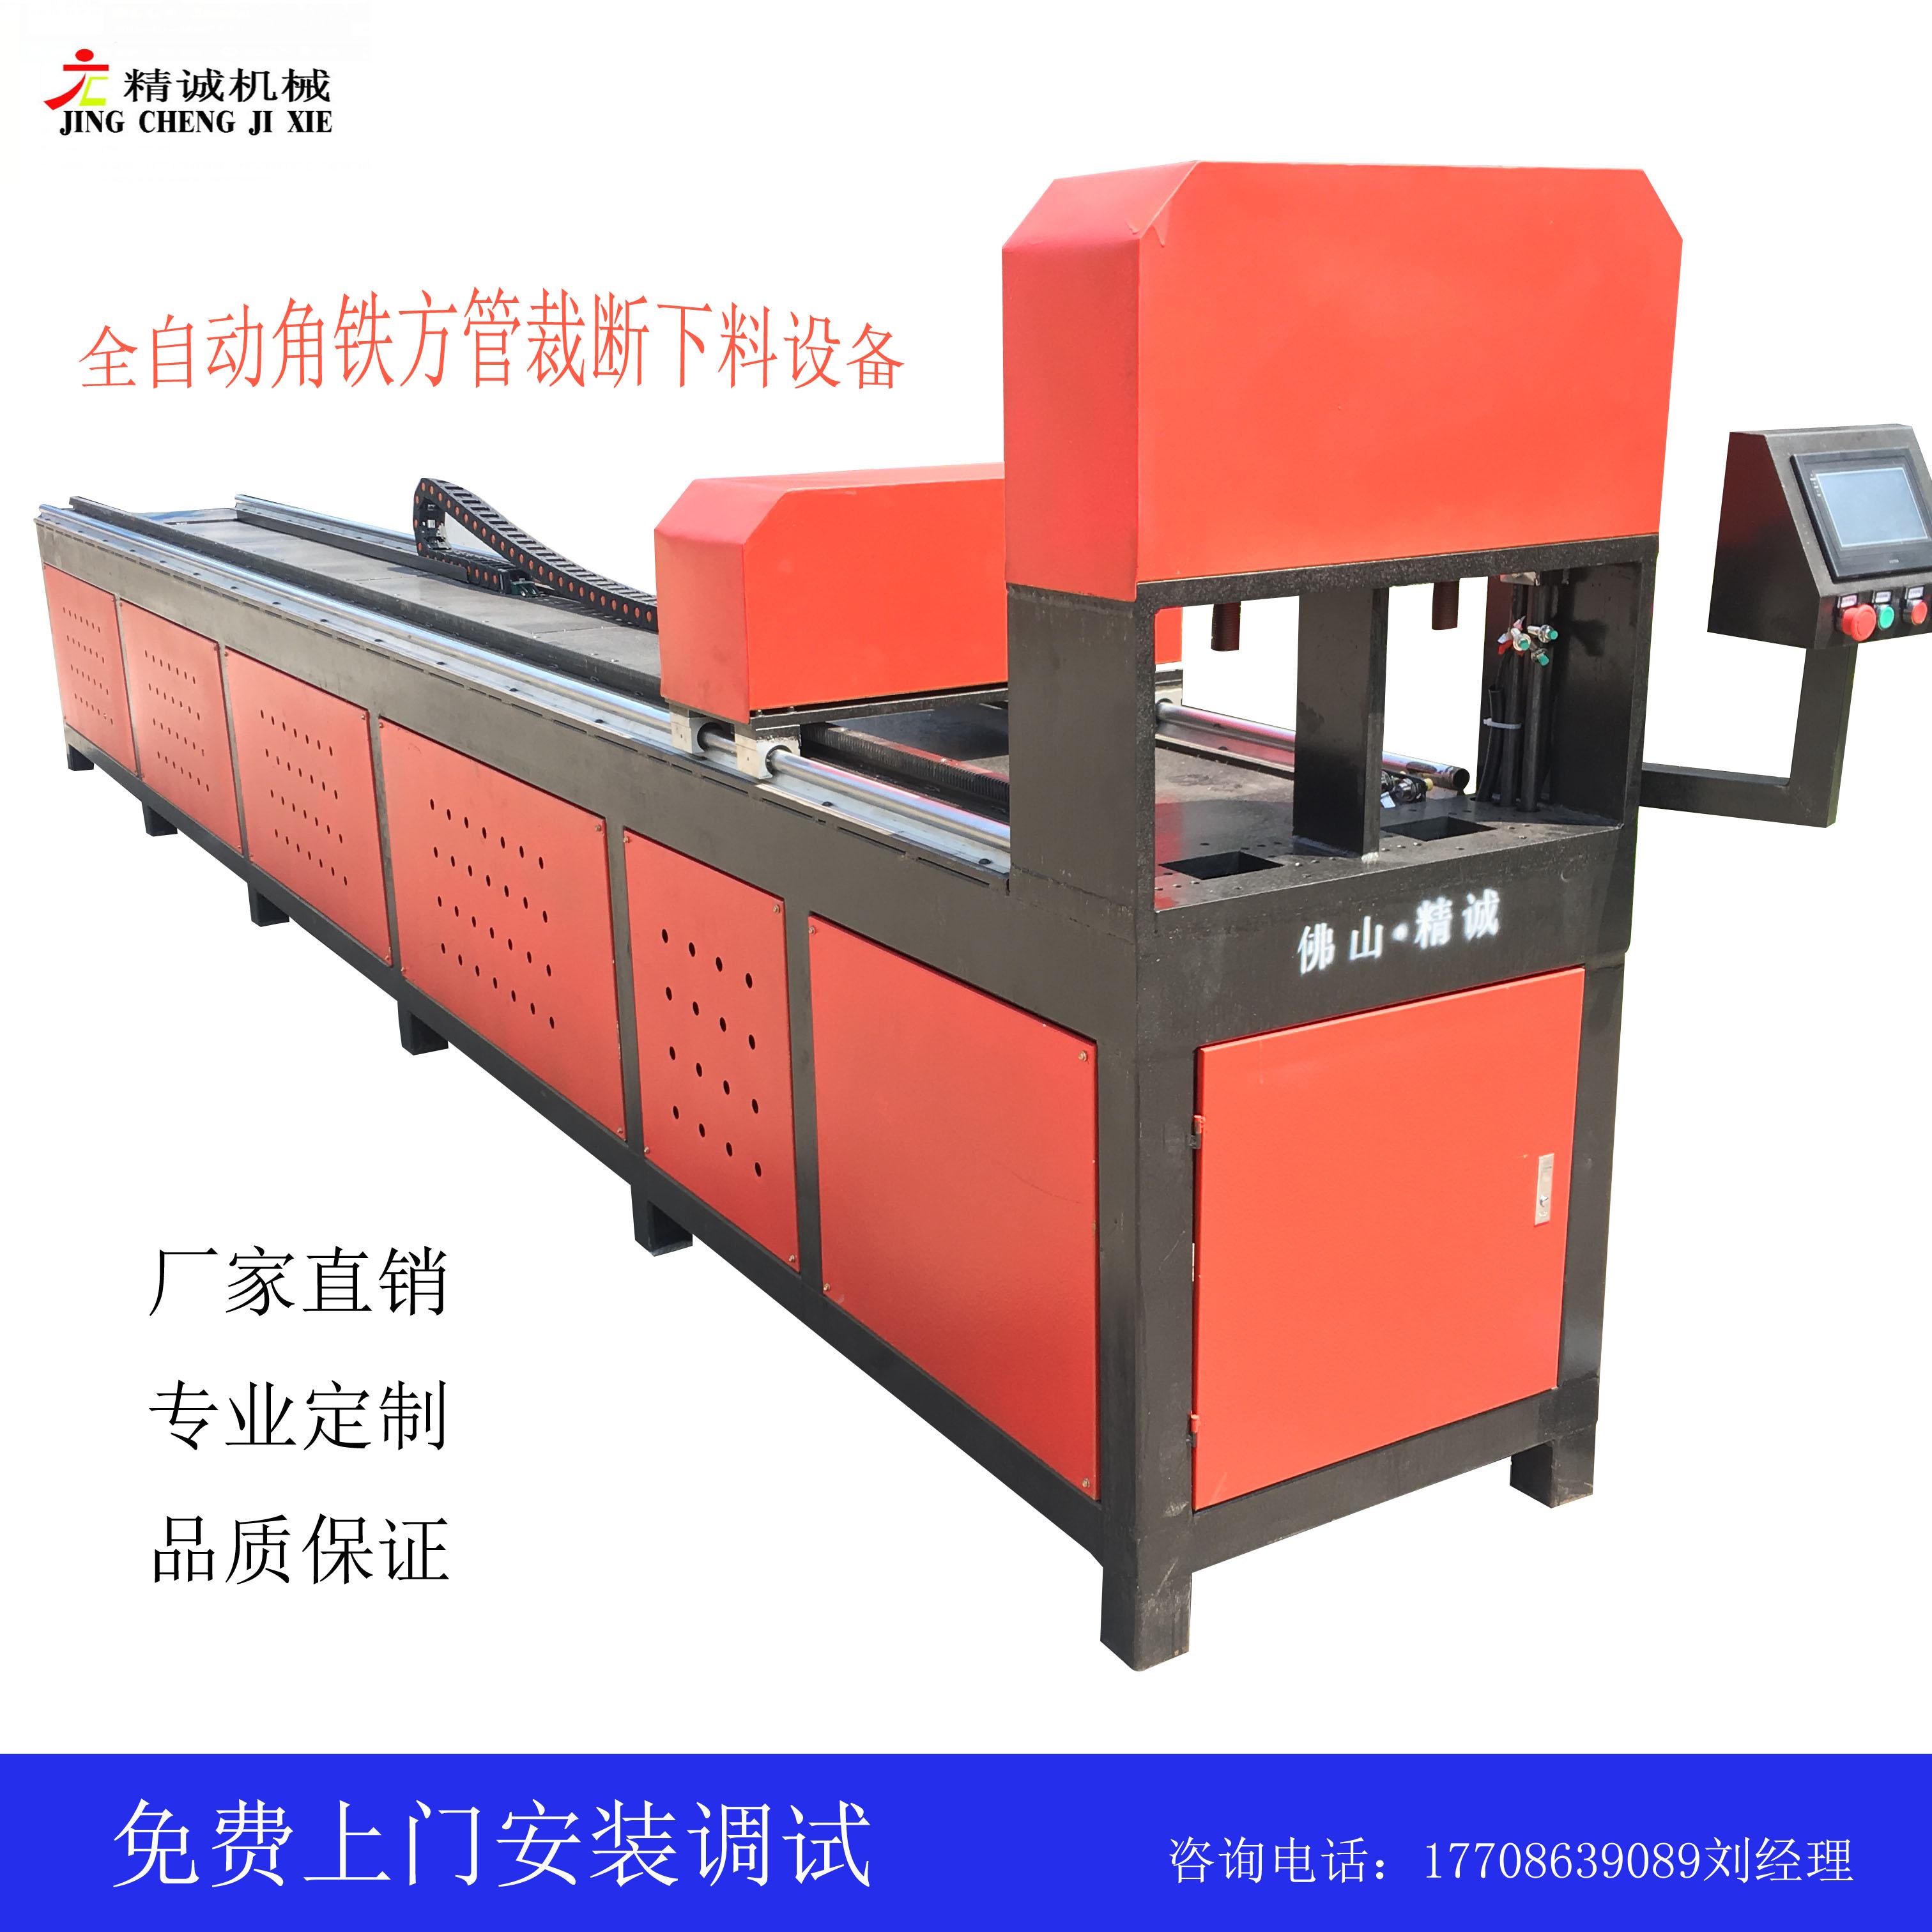 全自动数控管材下料机 铁管方管裁断设备